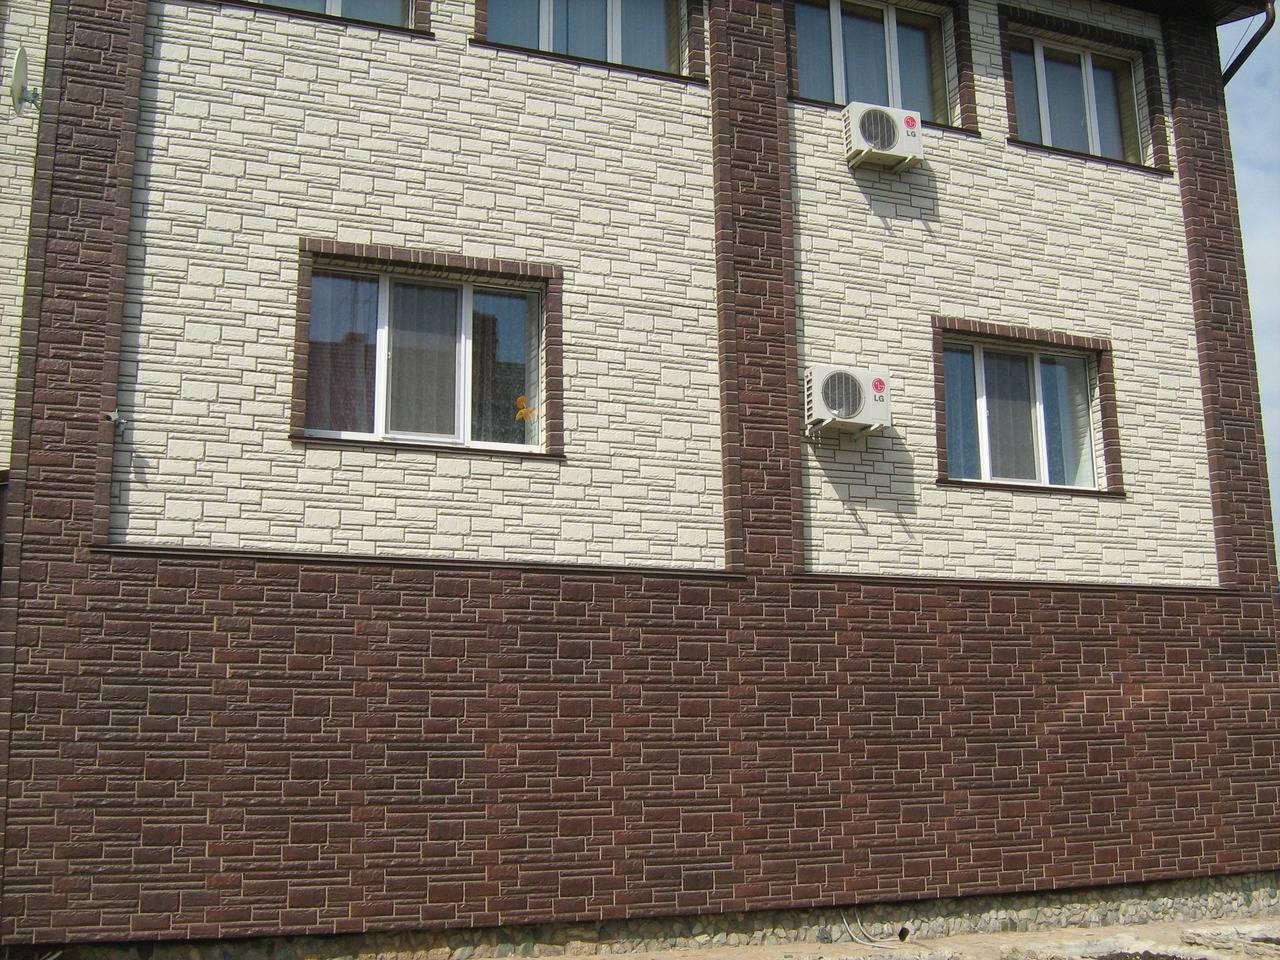 Сайдинг металлический под камень: технология облицовки цоколя дома пошагово